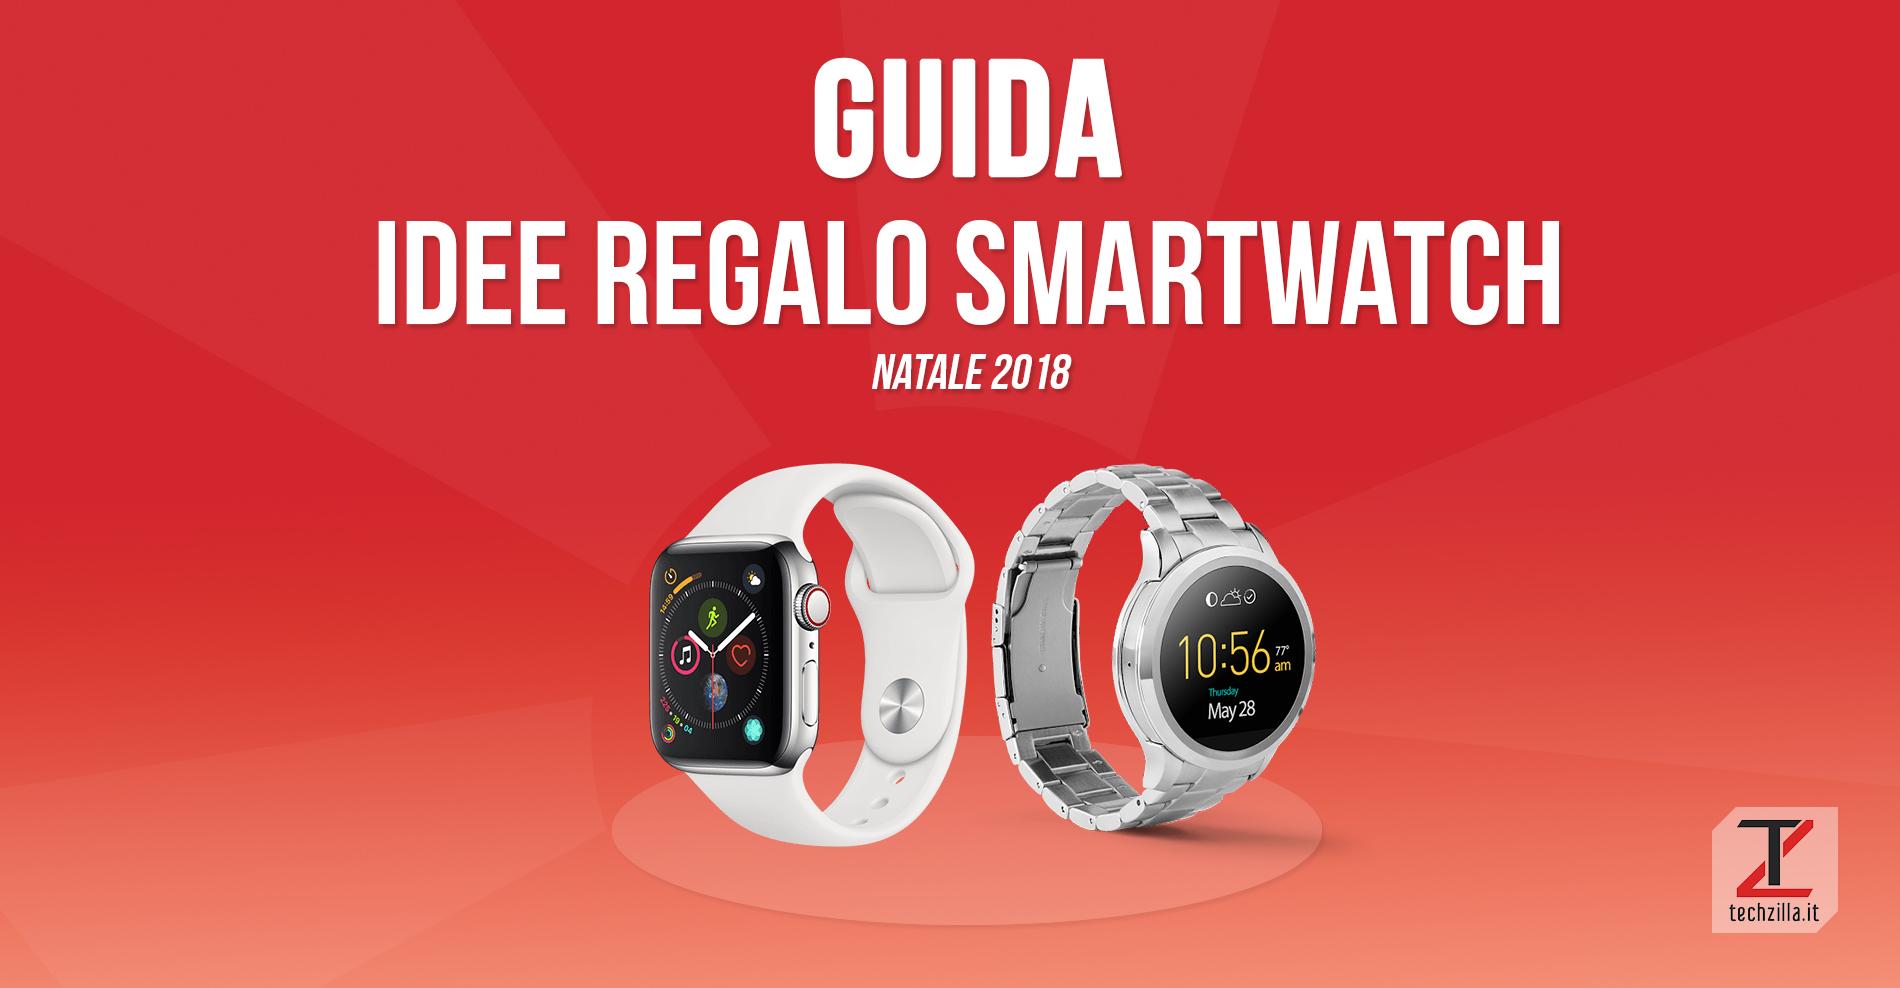 Idee regali tecnologici Natale 2018 - Smartwatch